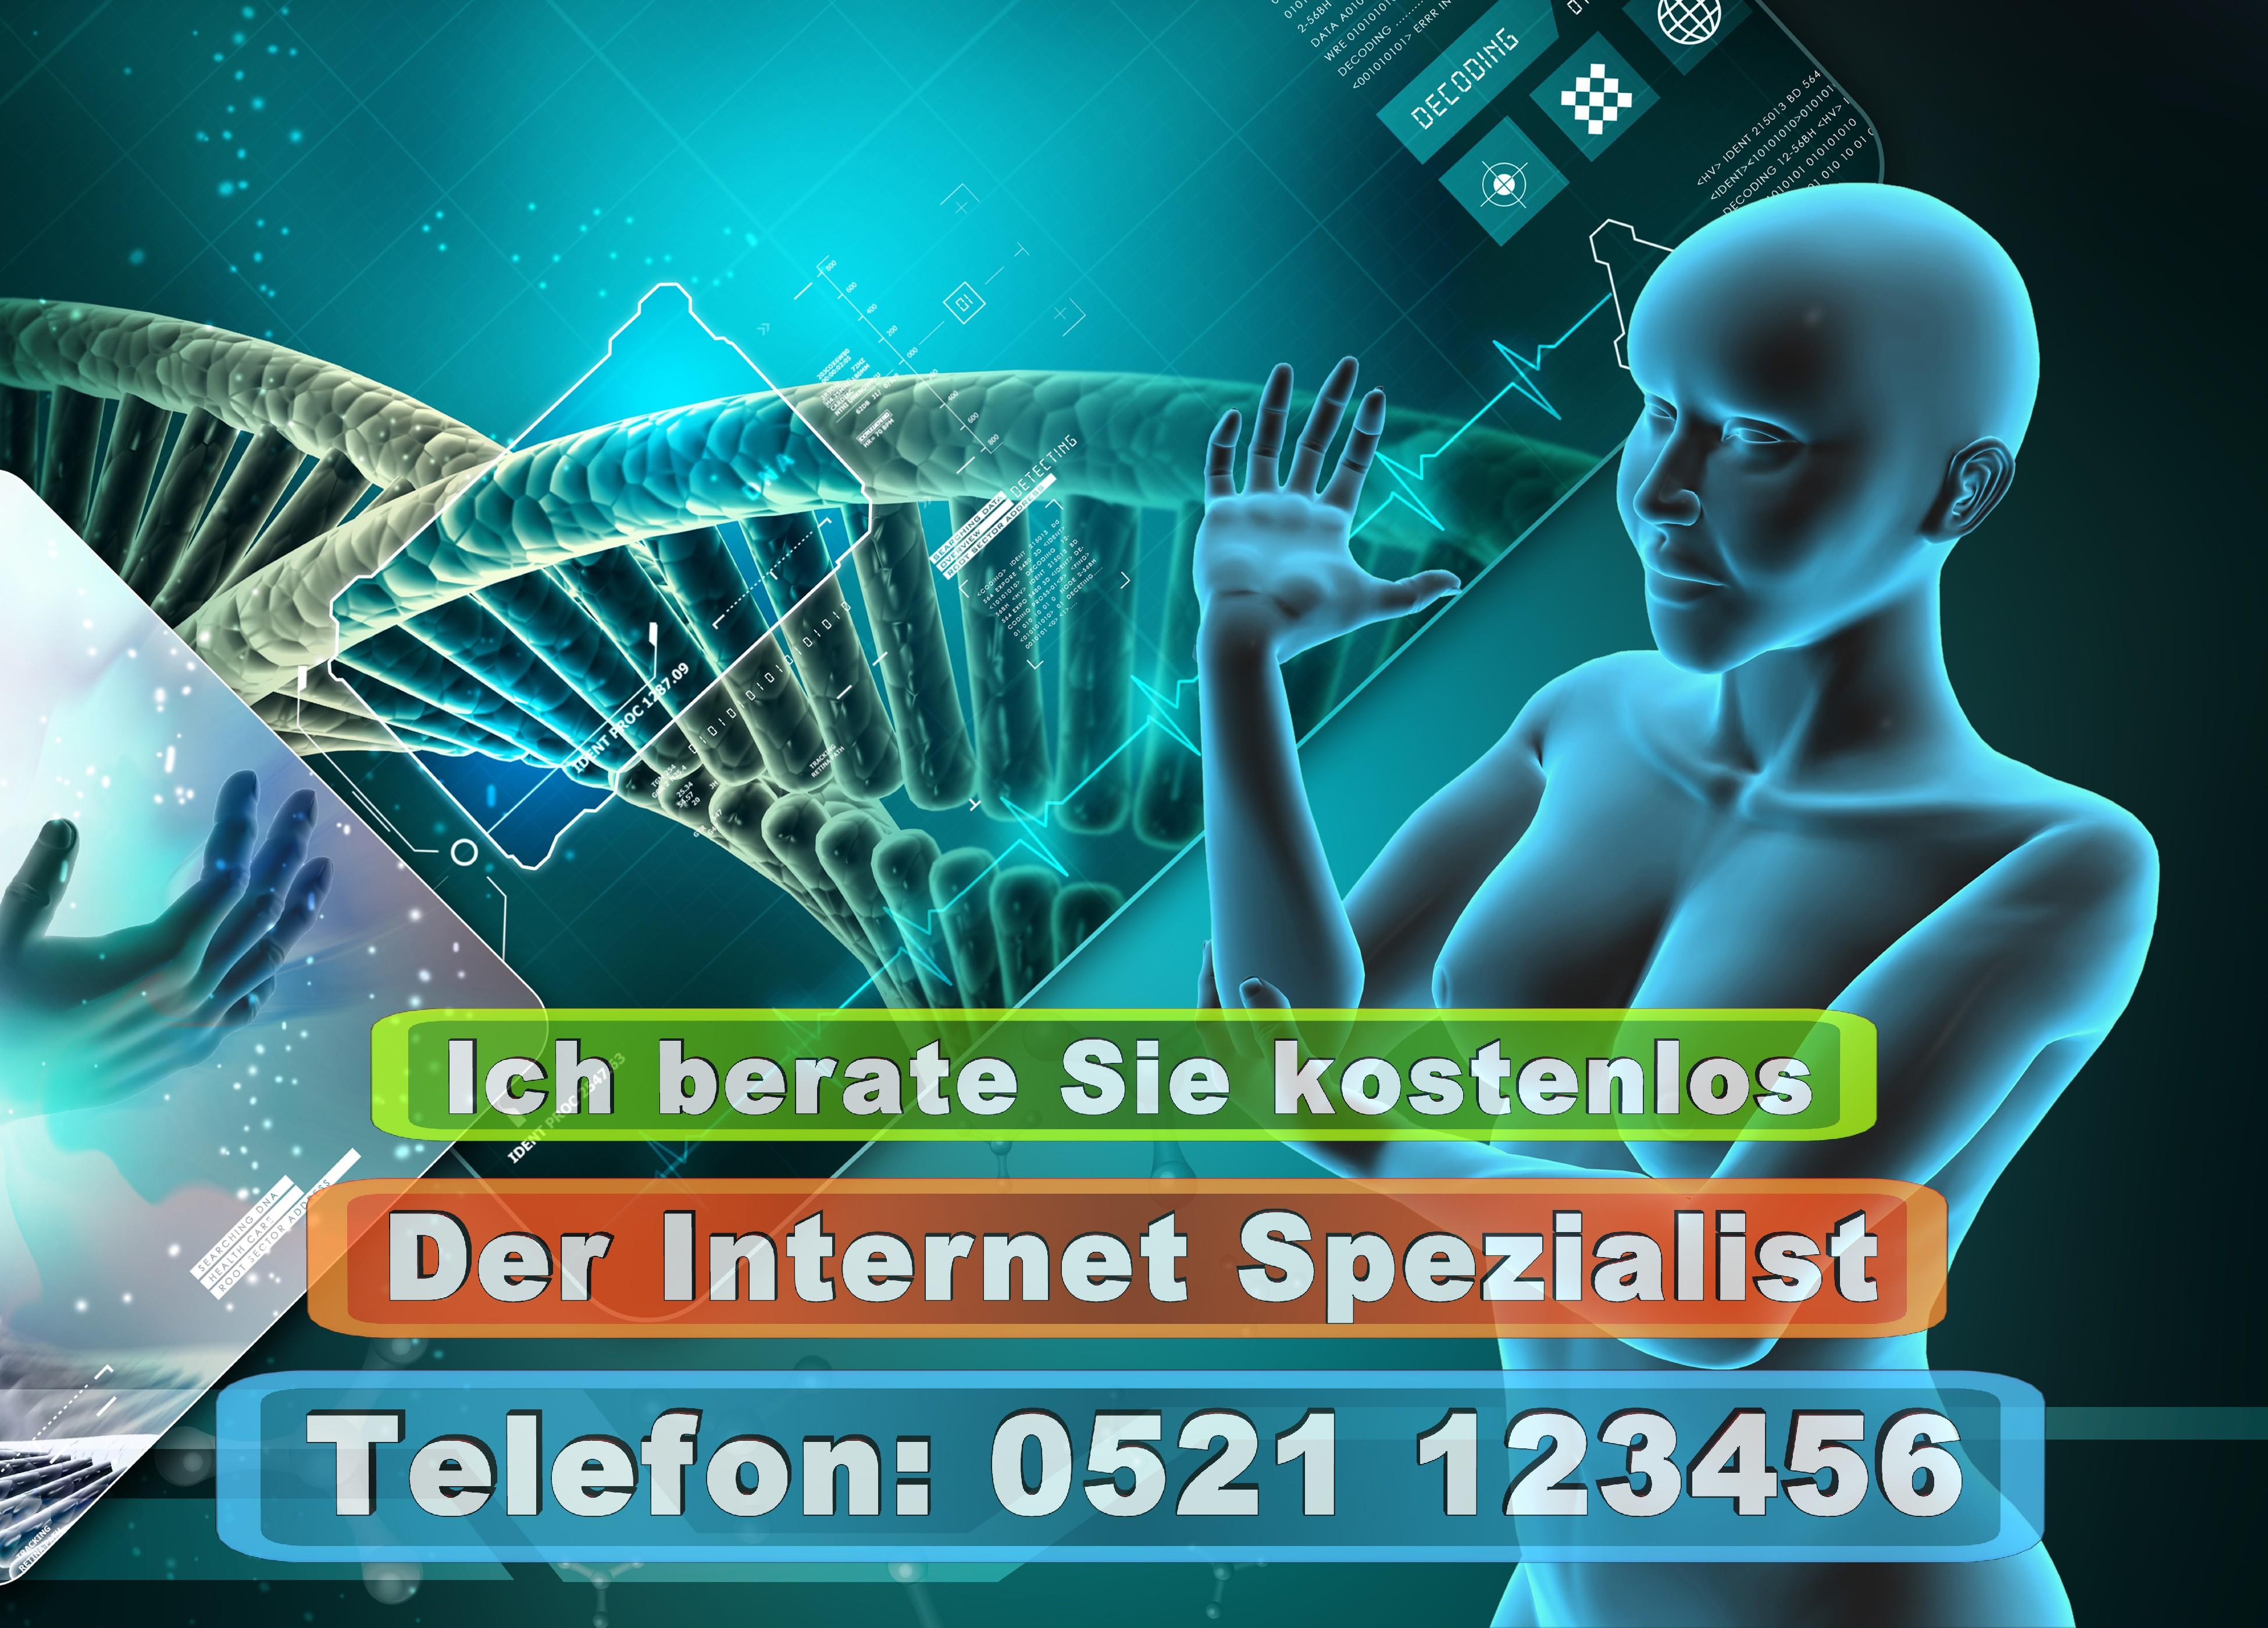 Werbeagentur Bielefeld Druckerei Bielefeld Prospekte Zeitung Visitenkarten Poster Werbung Print Presse Druck Fotografie Fotos Internet (40)